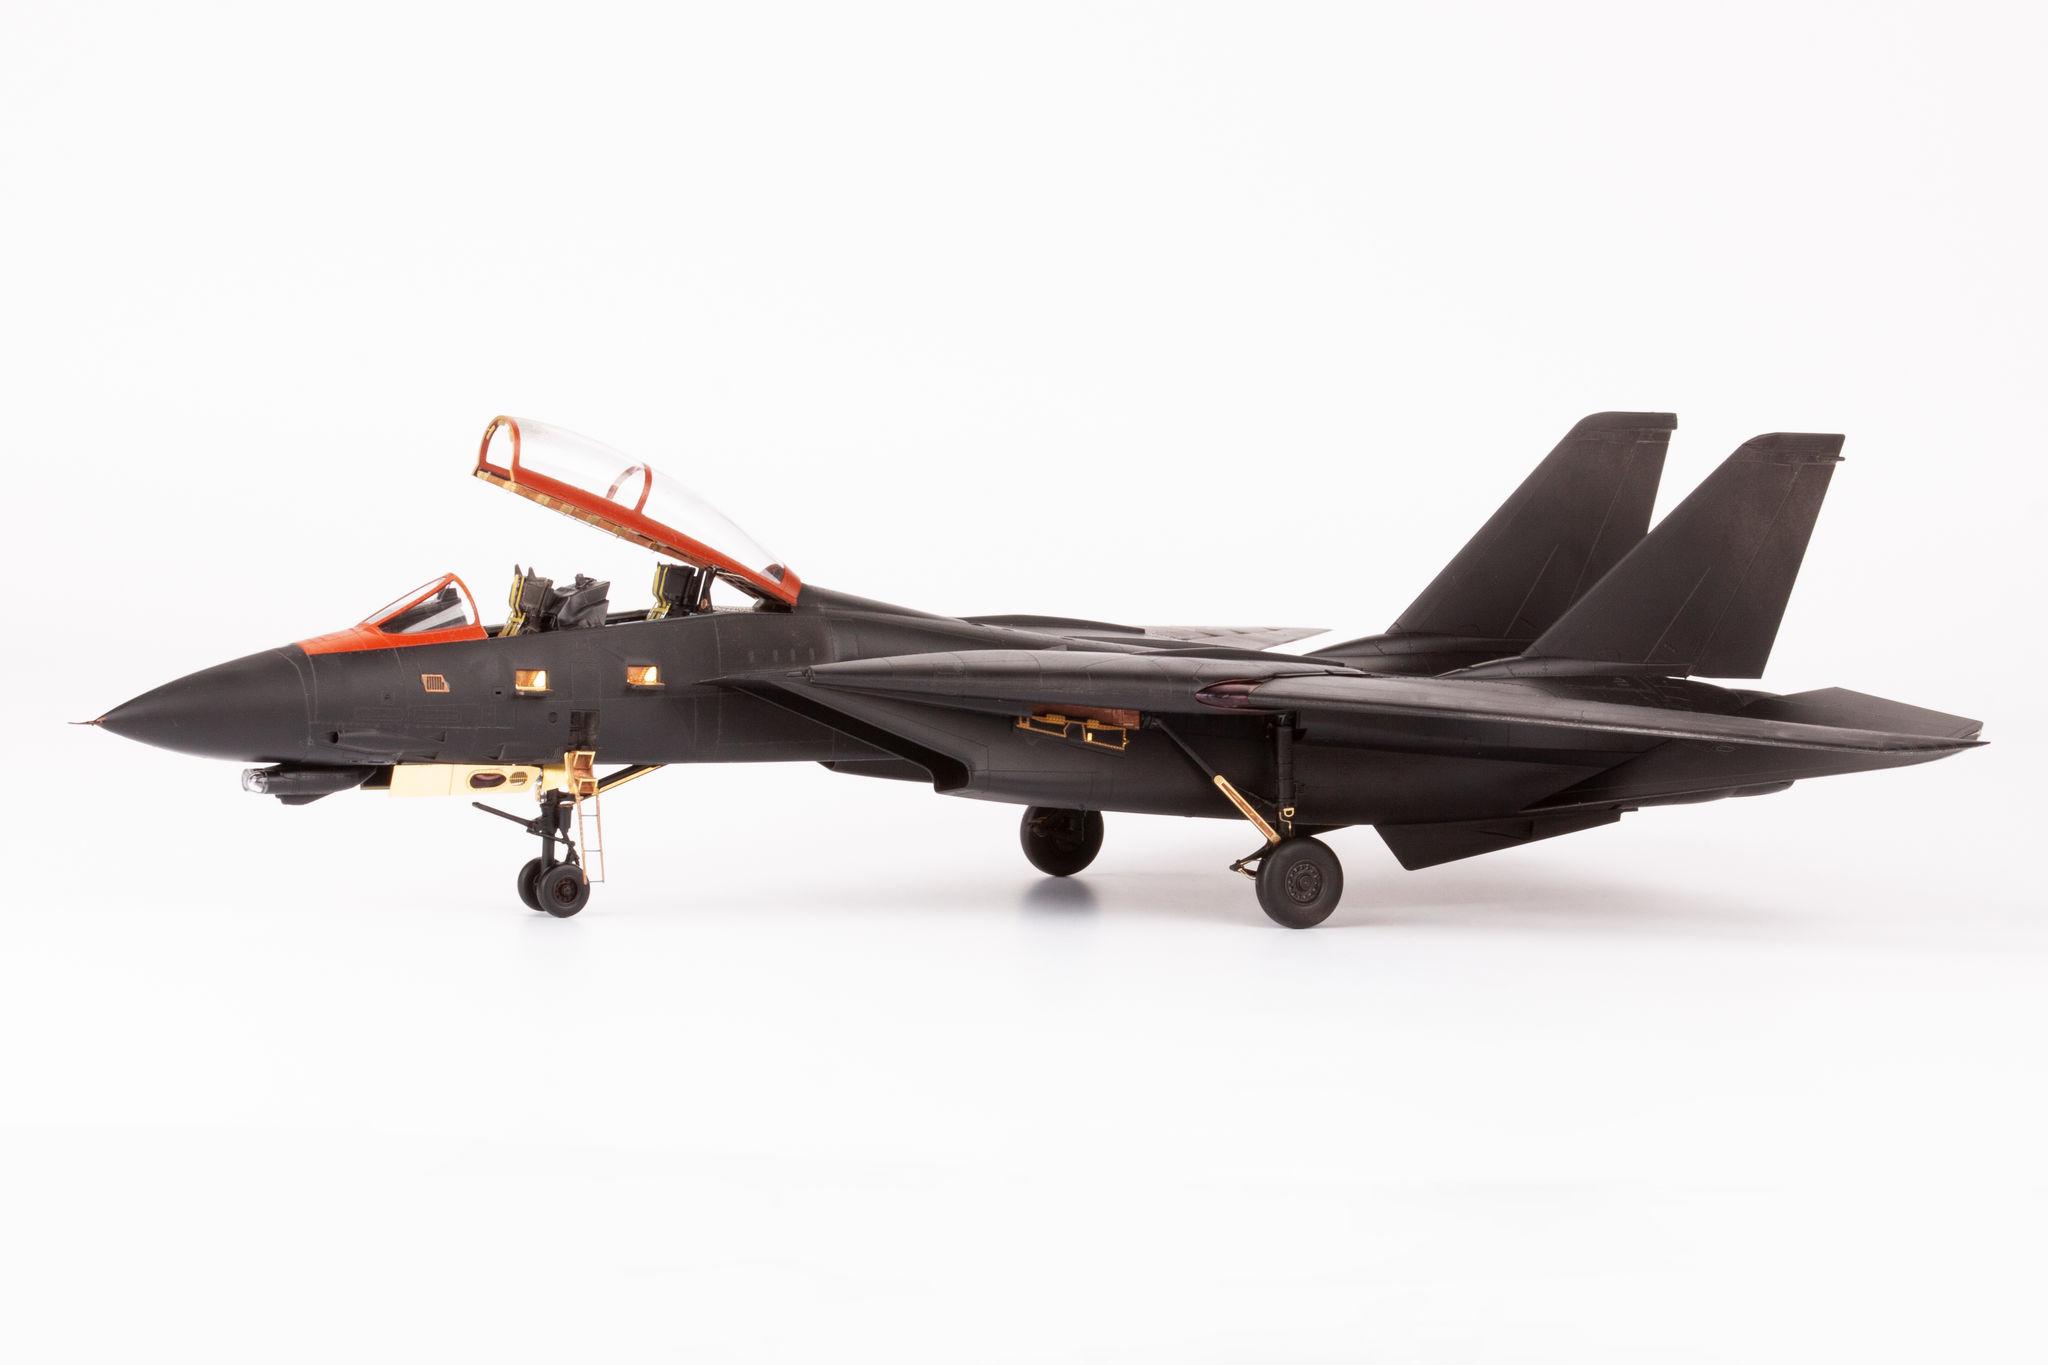 Eduard Accessories BIG49209 1:48 Neu F-14D for Tamiya